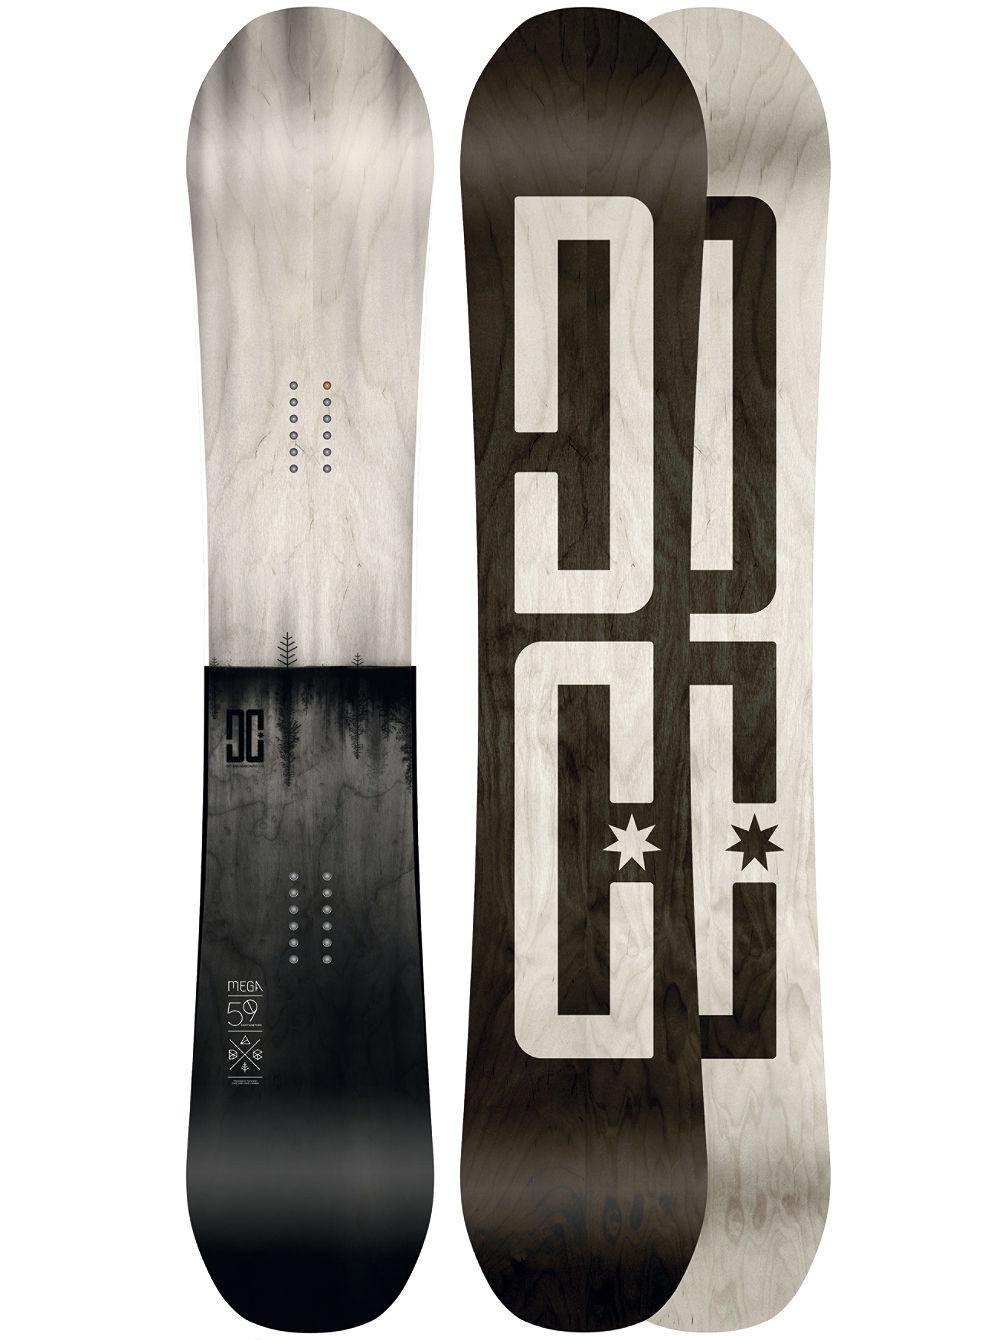 achetez dc mega 159 2018 snowboard en ligne sur blue